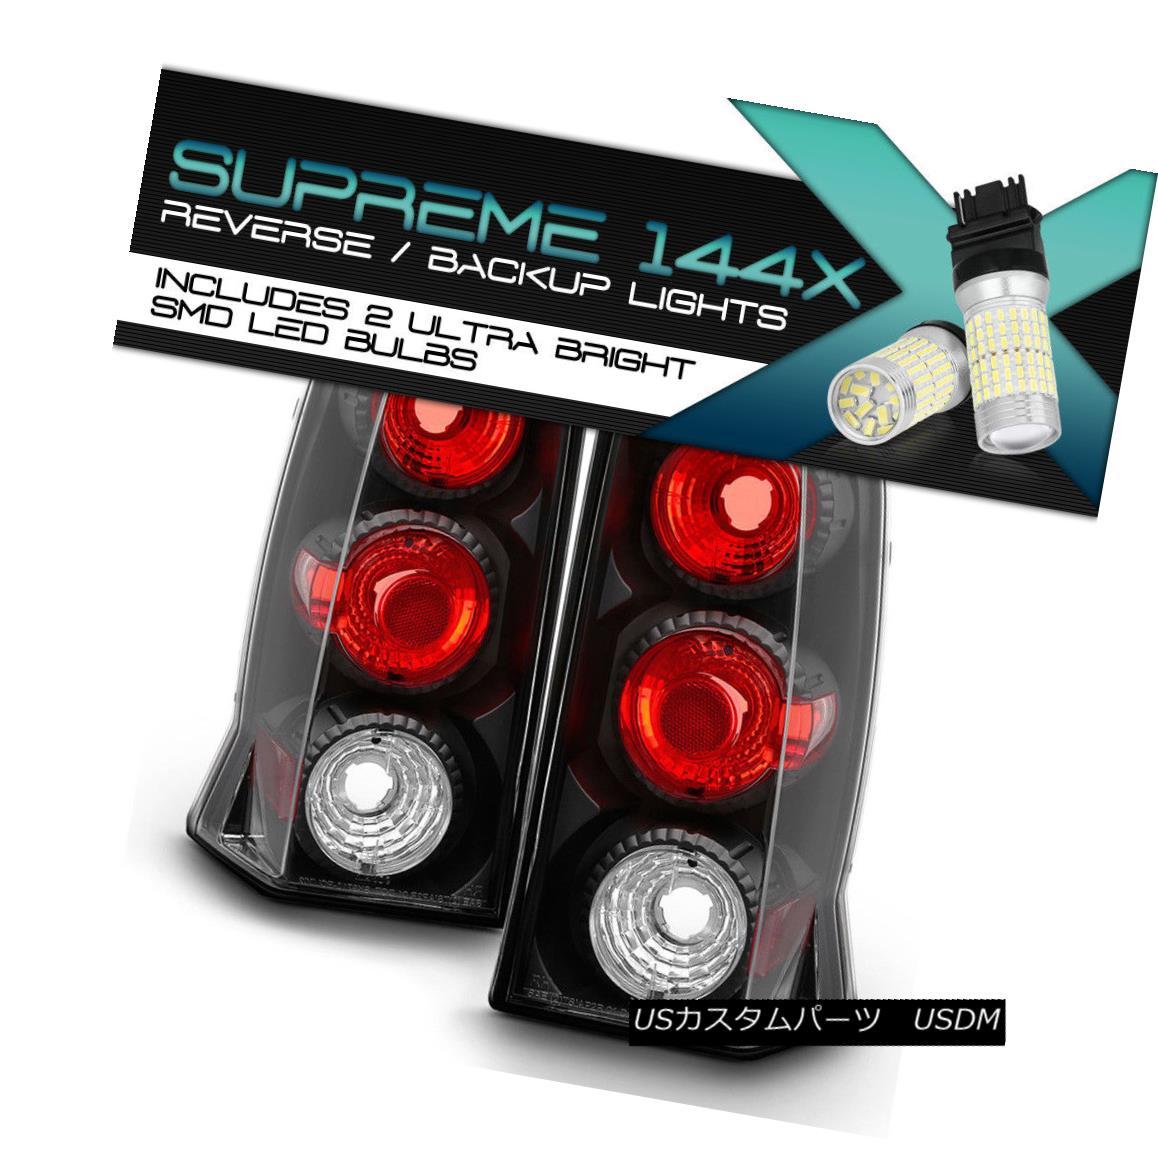 テールライト {FULL SMD BACKUP} 02-06 Cadillac Escalade Sport ESV Black Tail Lamps Rear LH RH {FULL SMD BACKUP} 02-06キャデラックエスカレードスポーツESVブラックテールランプリアLH RH